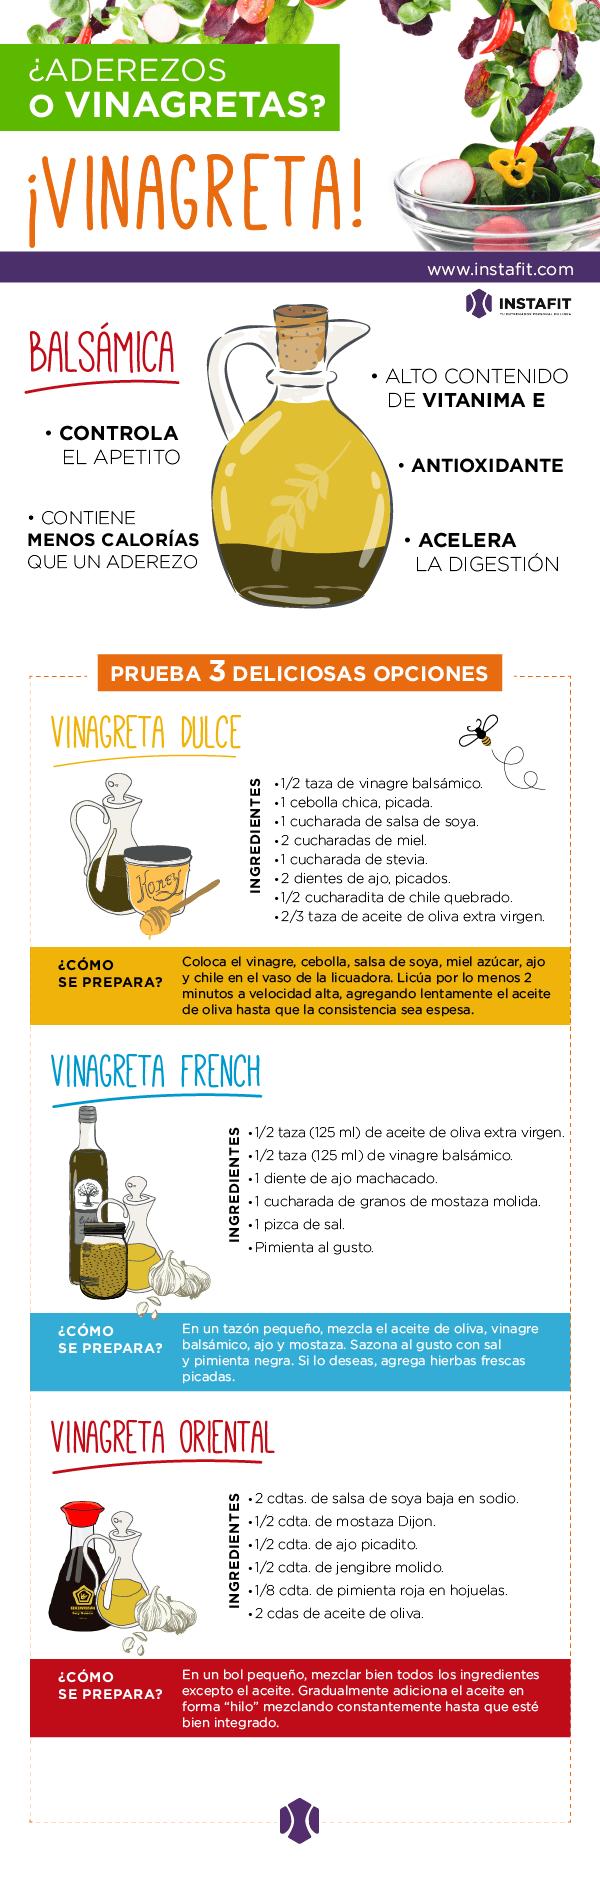 15 Ideas De Aderezos Con Yogurt Salsas Y Aderezos Aderezos Para Ensaladas Salsas Para Ensaladas